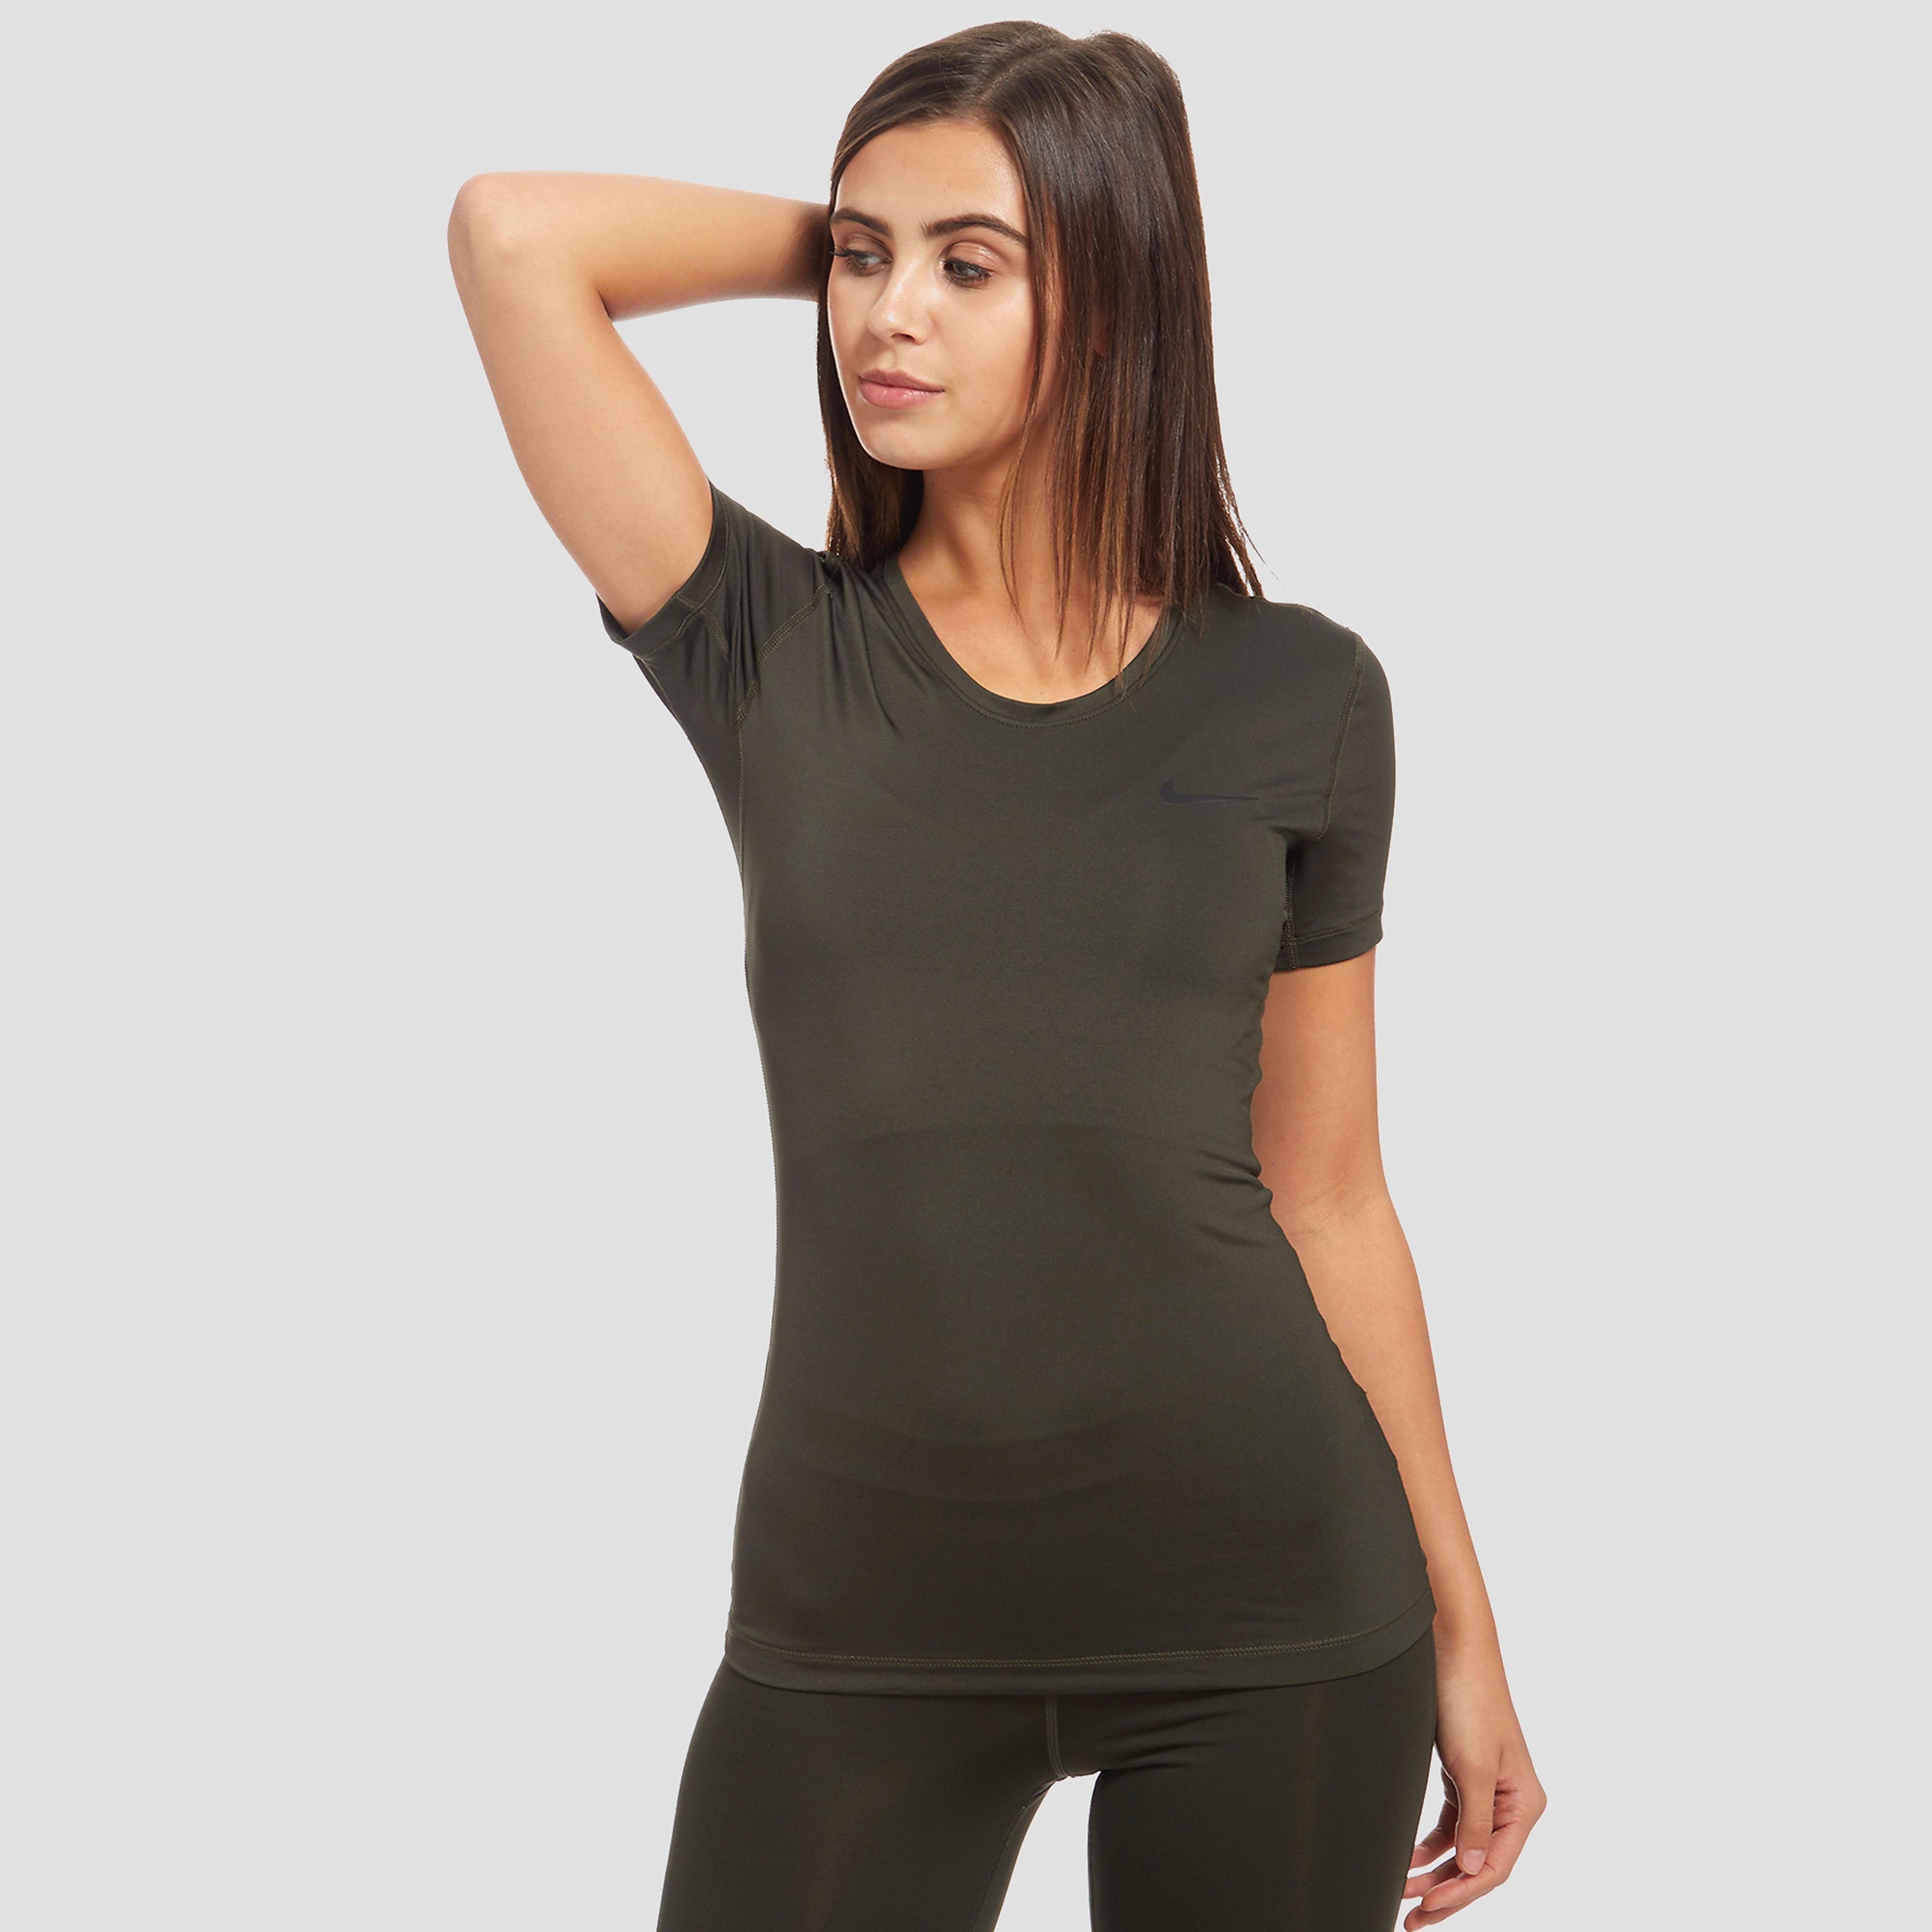 Nike Women's Pro T-Shirt